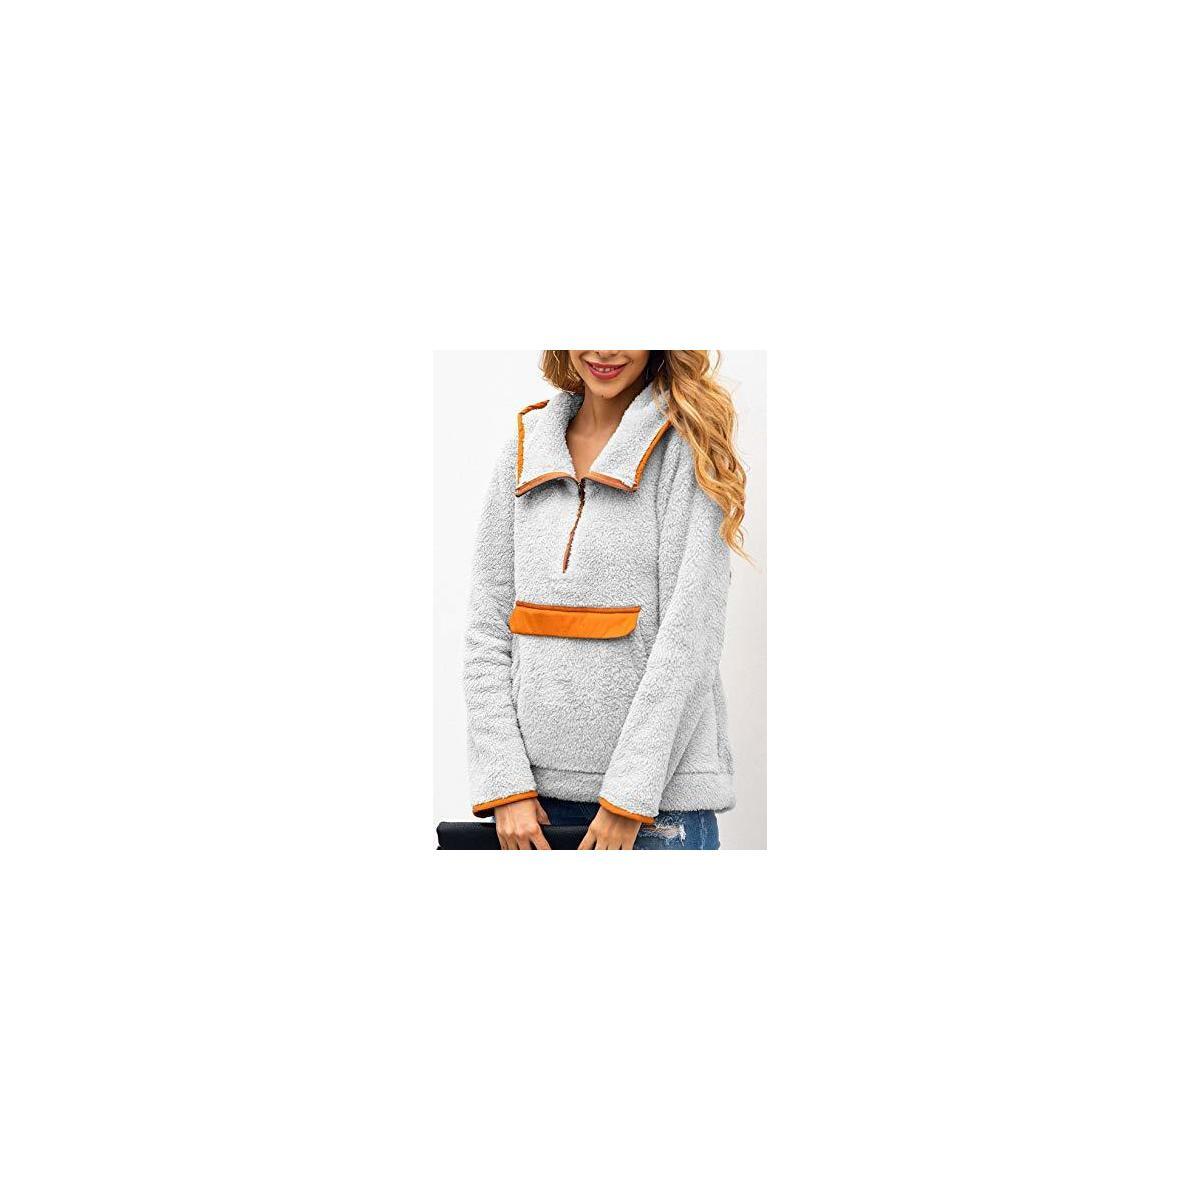 Women's Long Sleeve Lapel Hooded Fluffy Jacket Sherpa Pullover Haft Zipper Sweatshirt Fleece Outwear with Pocket